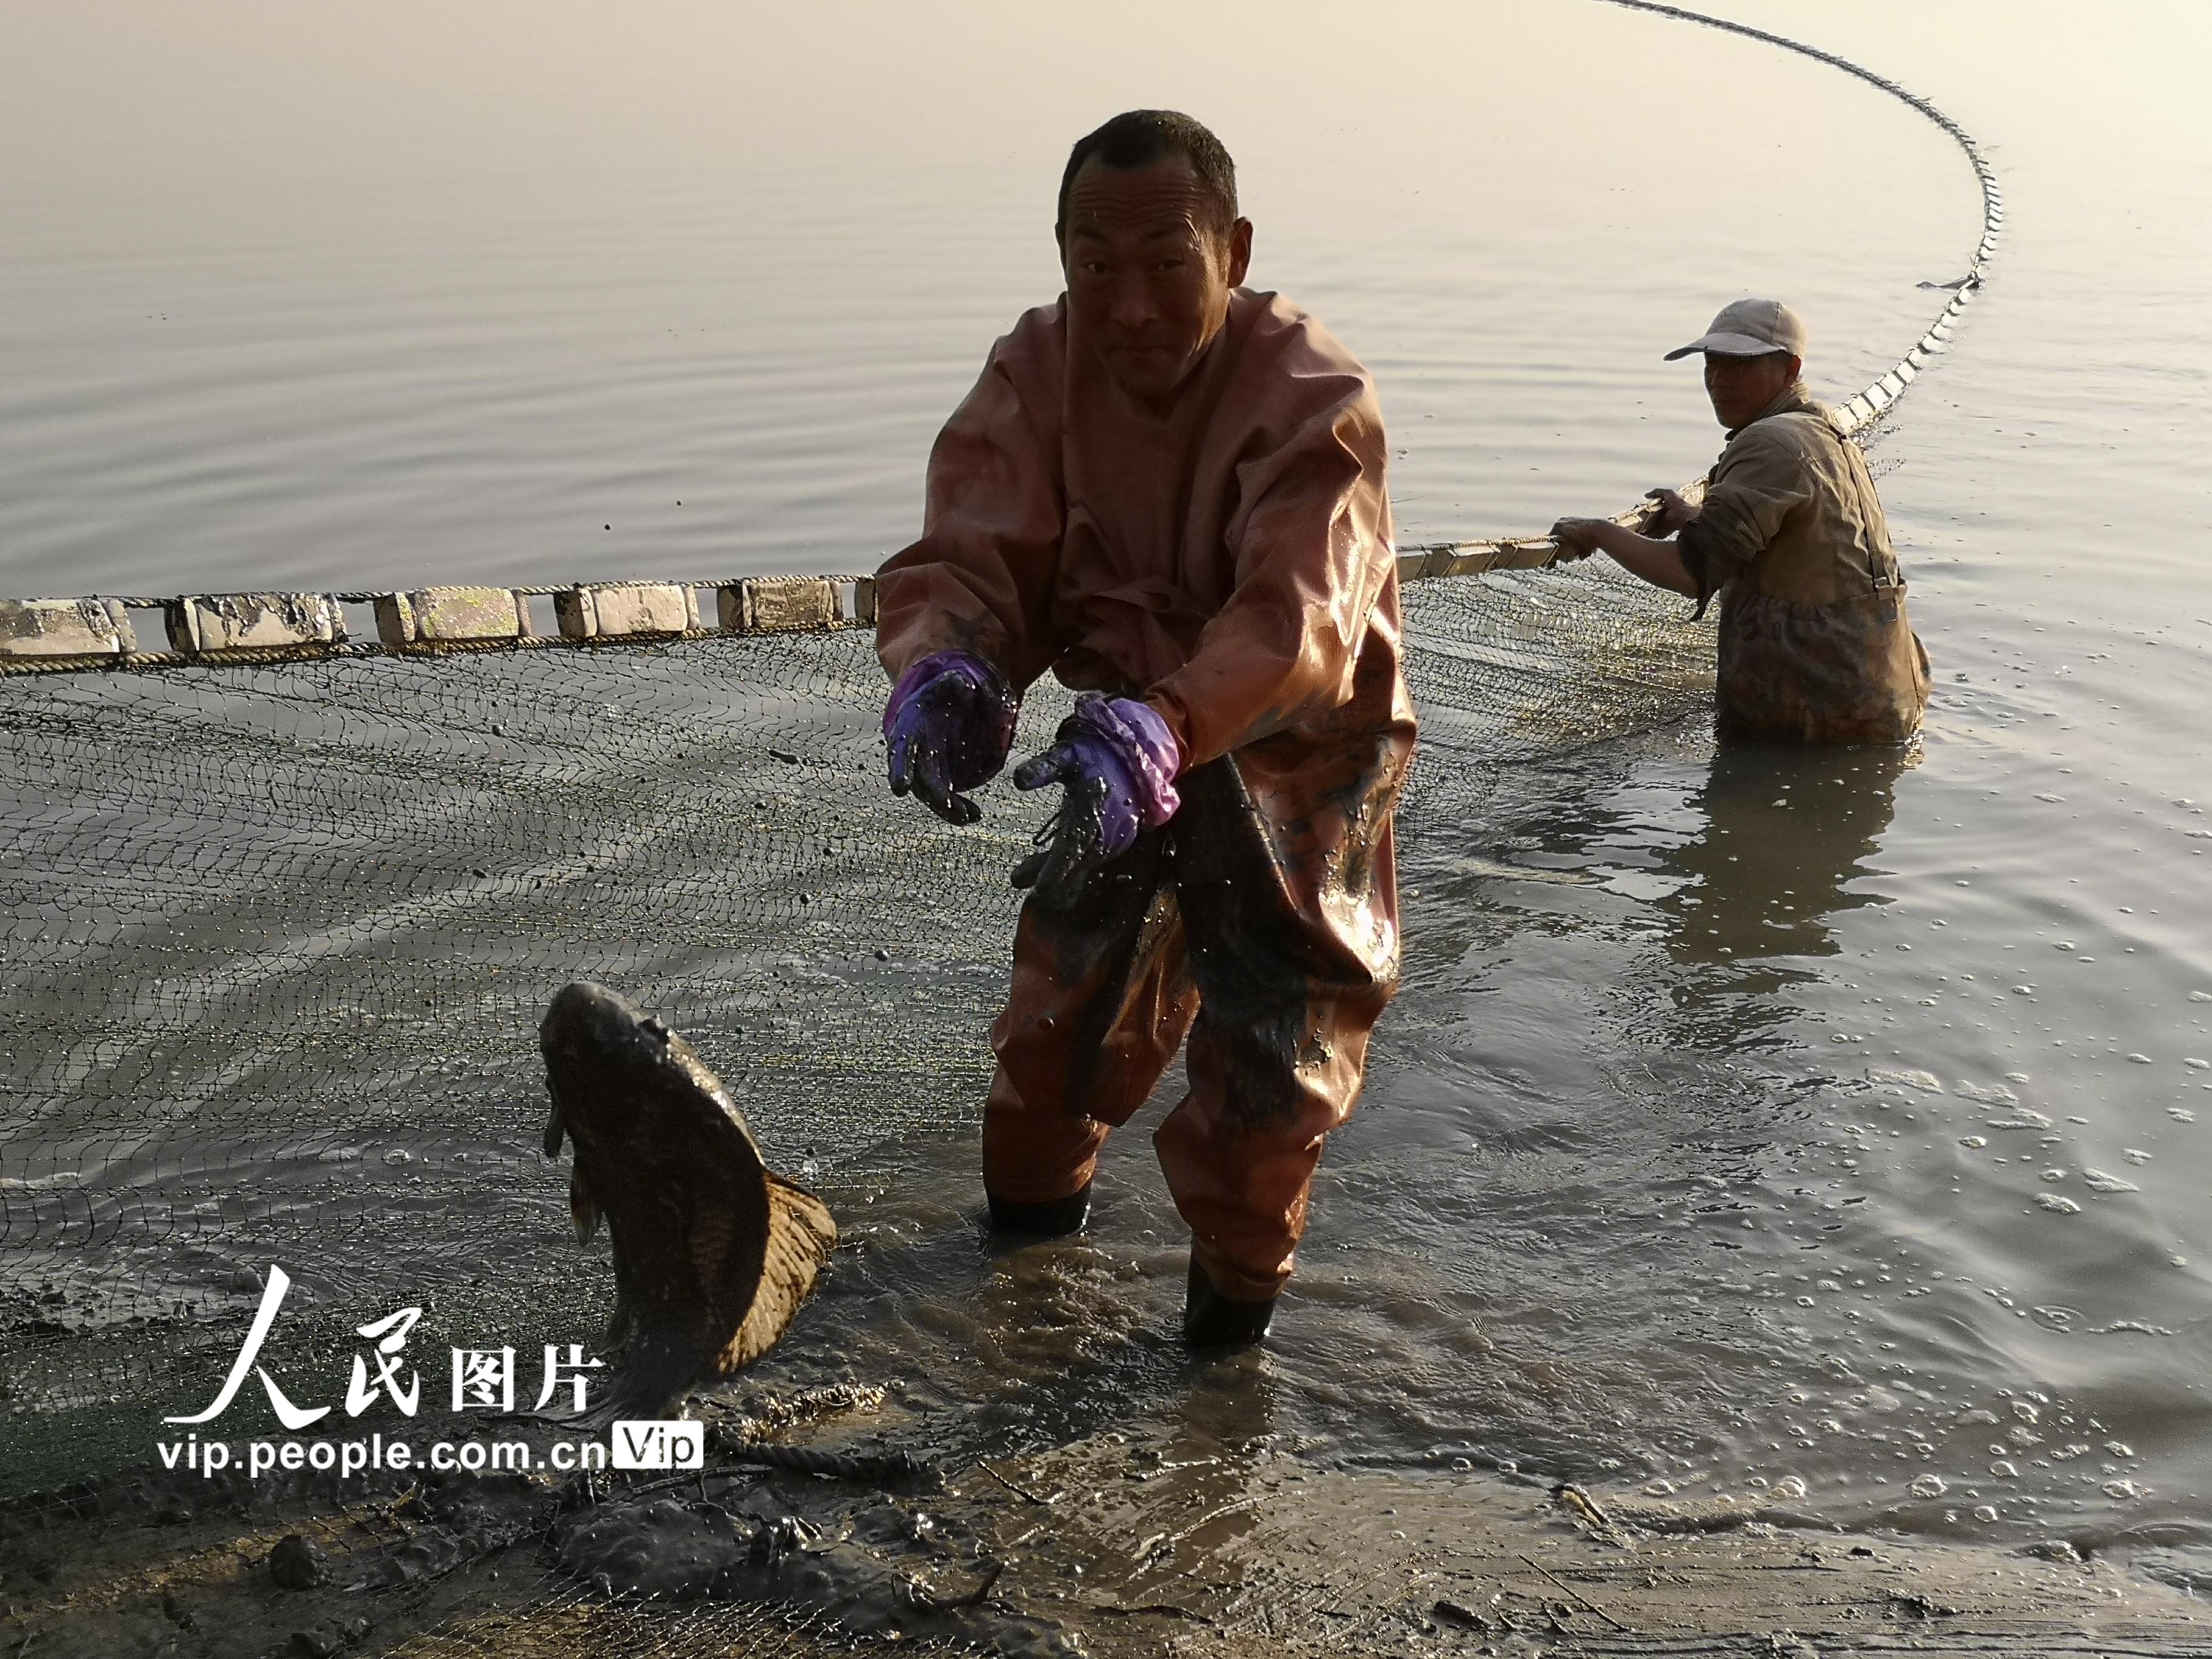 甘肃临泽:农民养鱼助力增收【2】